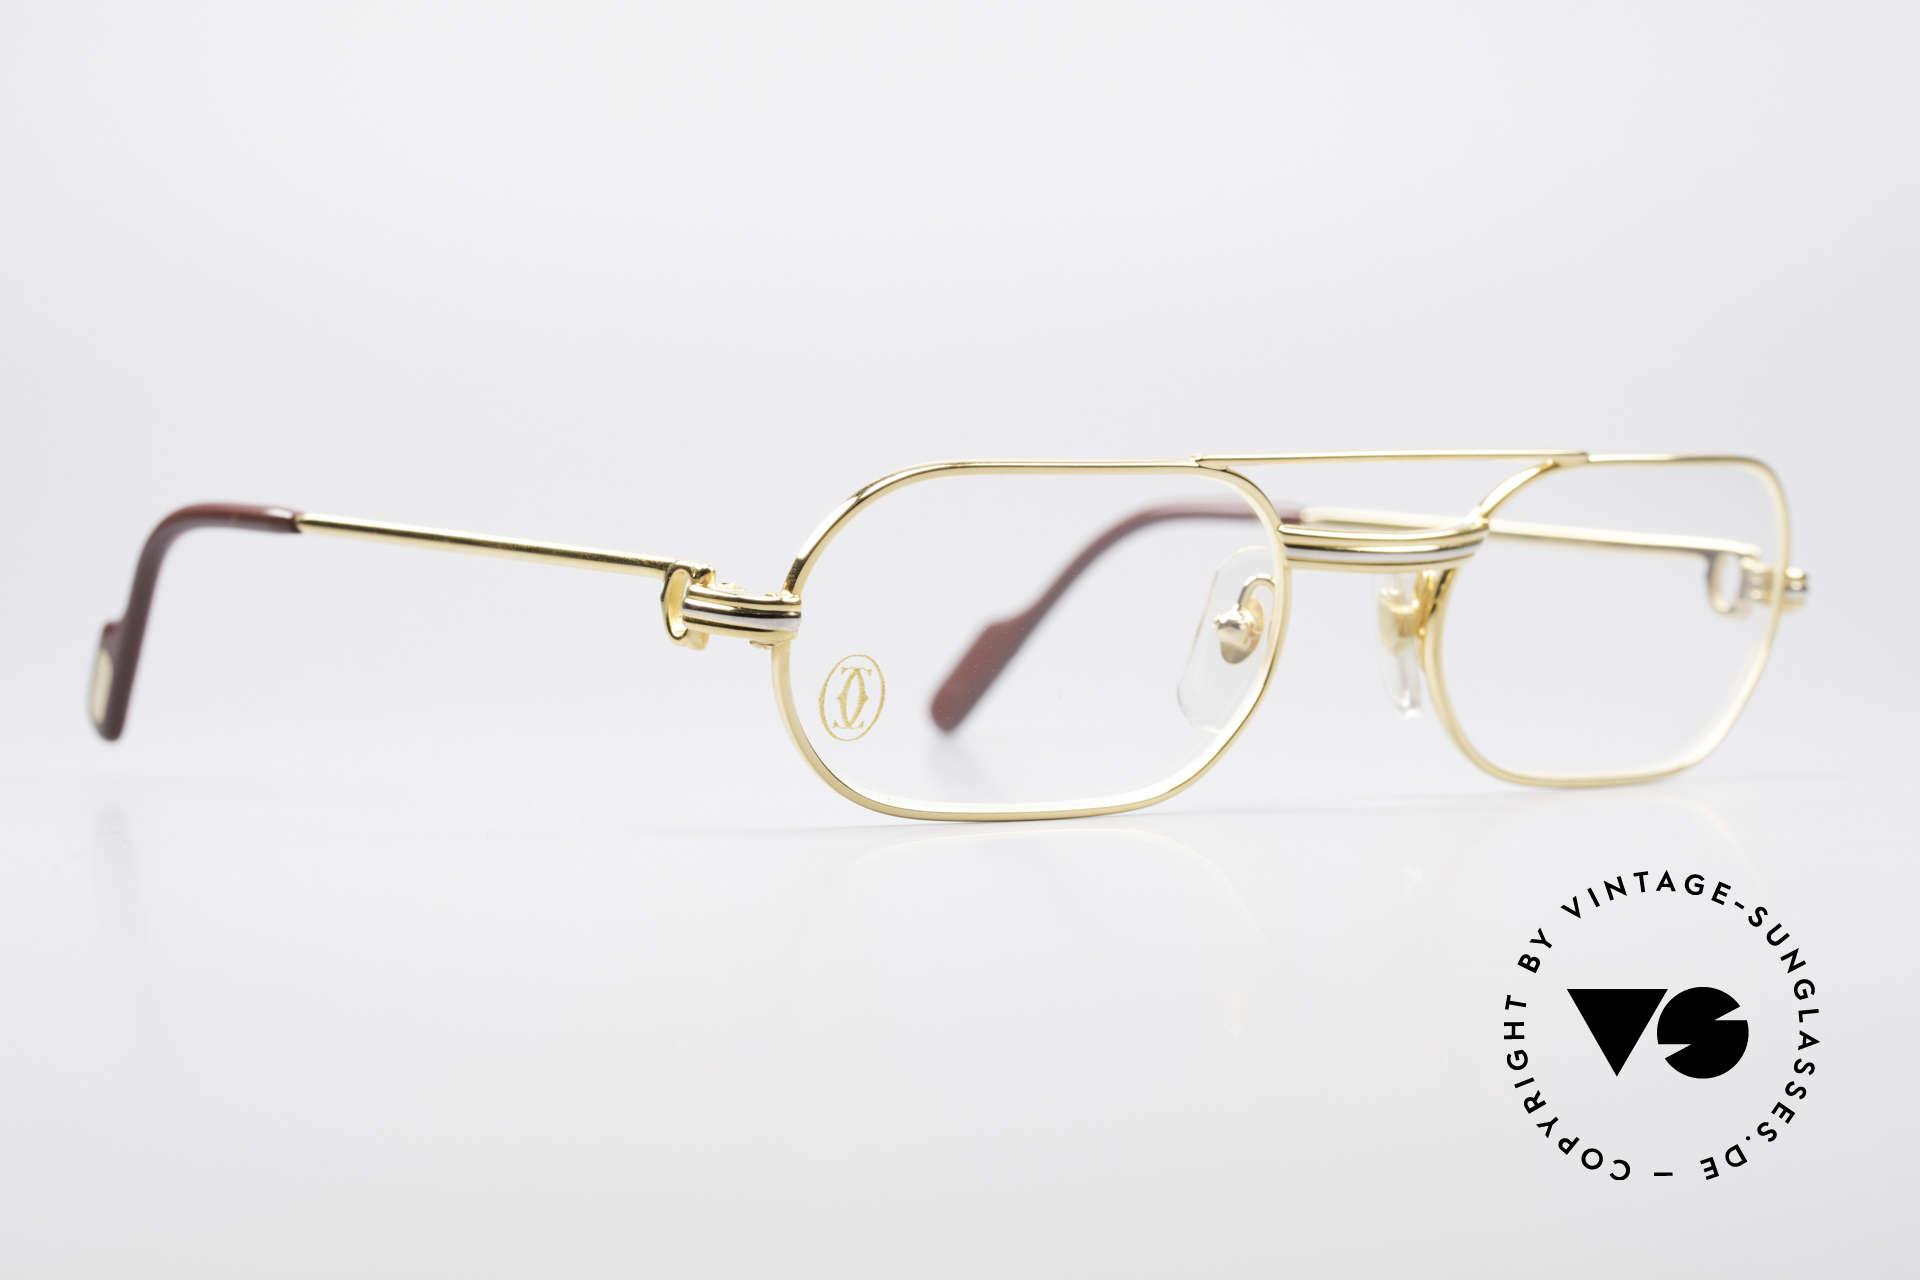 """Cartier MUST LC - S Elton John Luxus Fassung, getragen von Elton John (Video """"I'm still standing""""), Passend für Herren"""